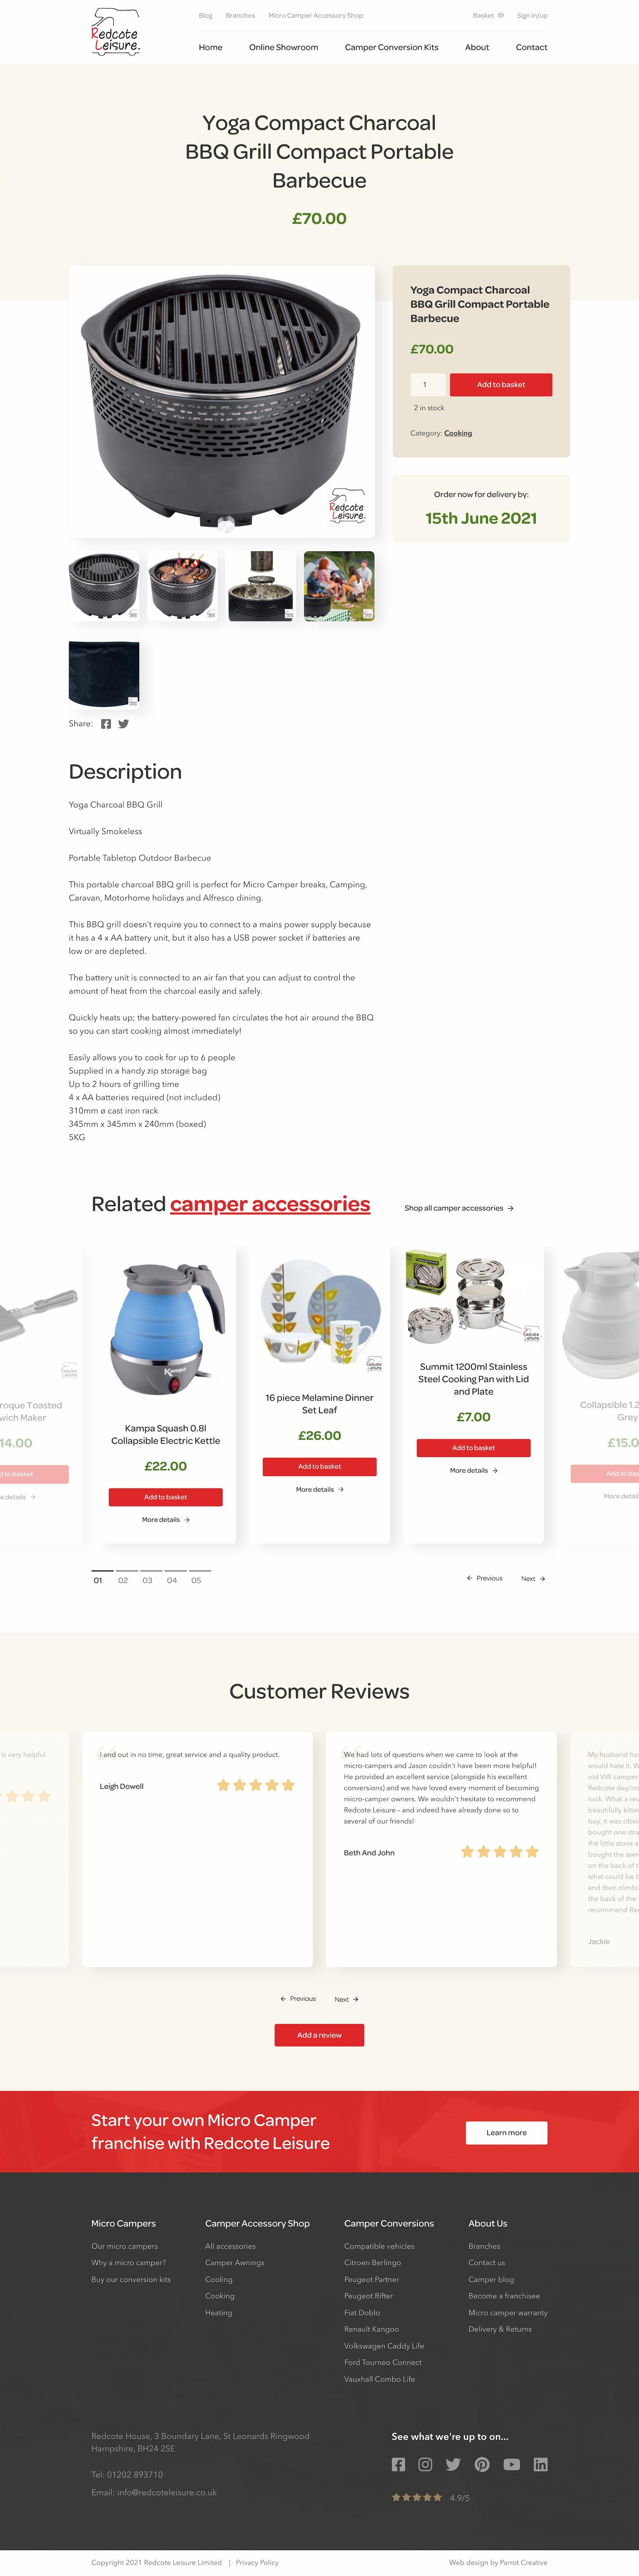 Camper website product page design